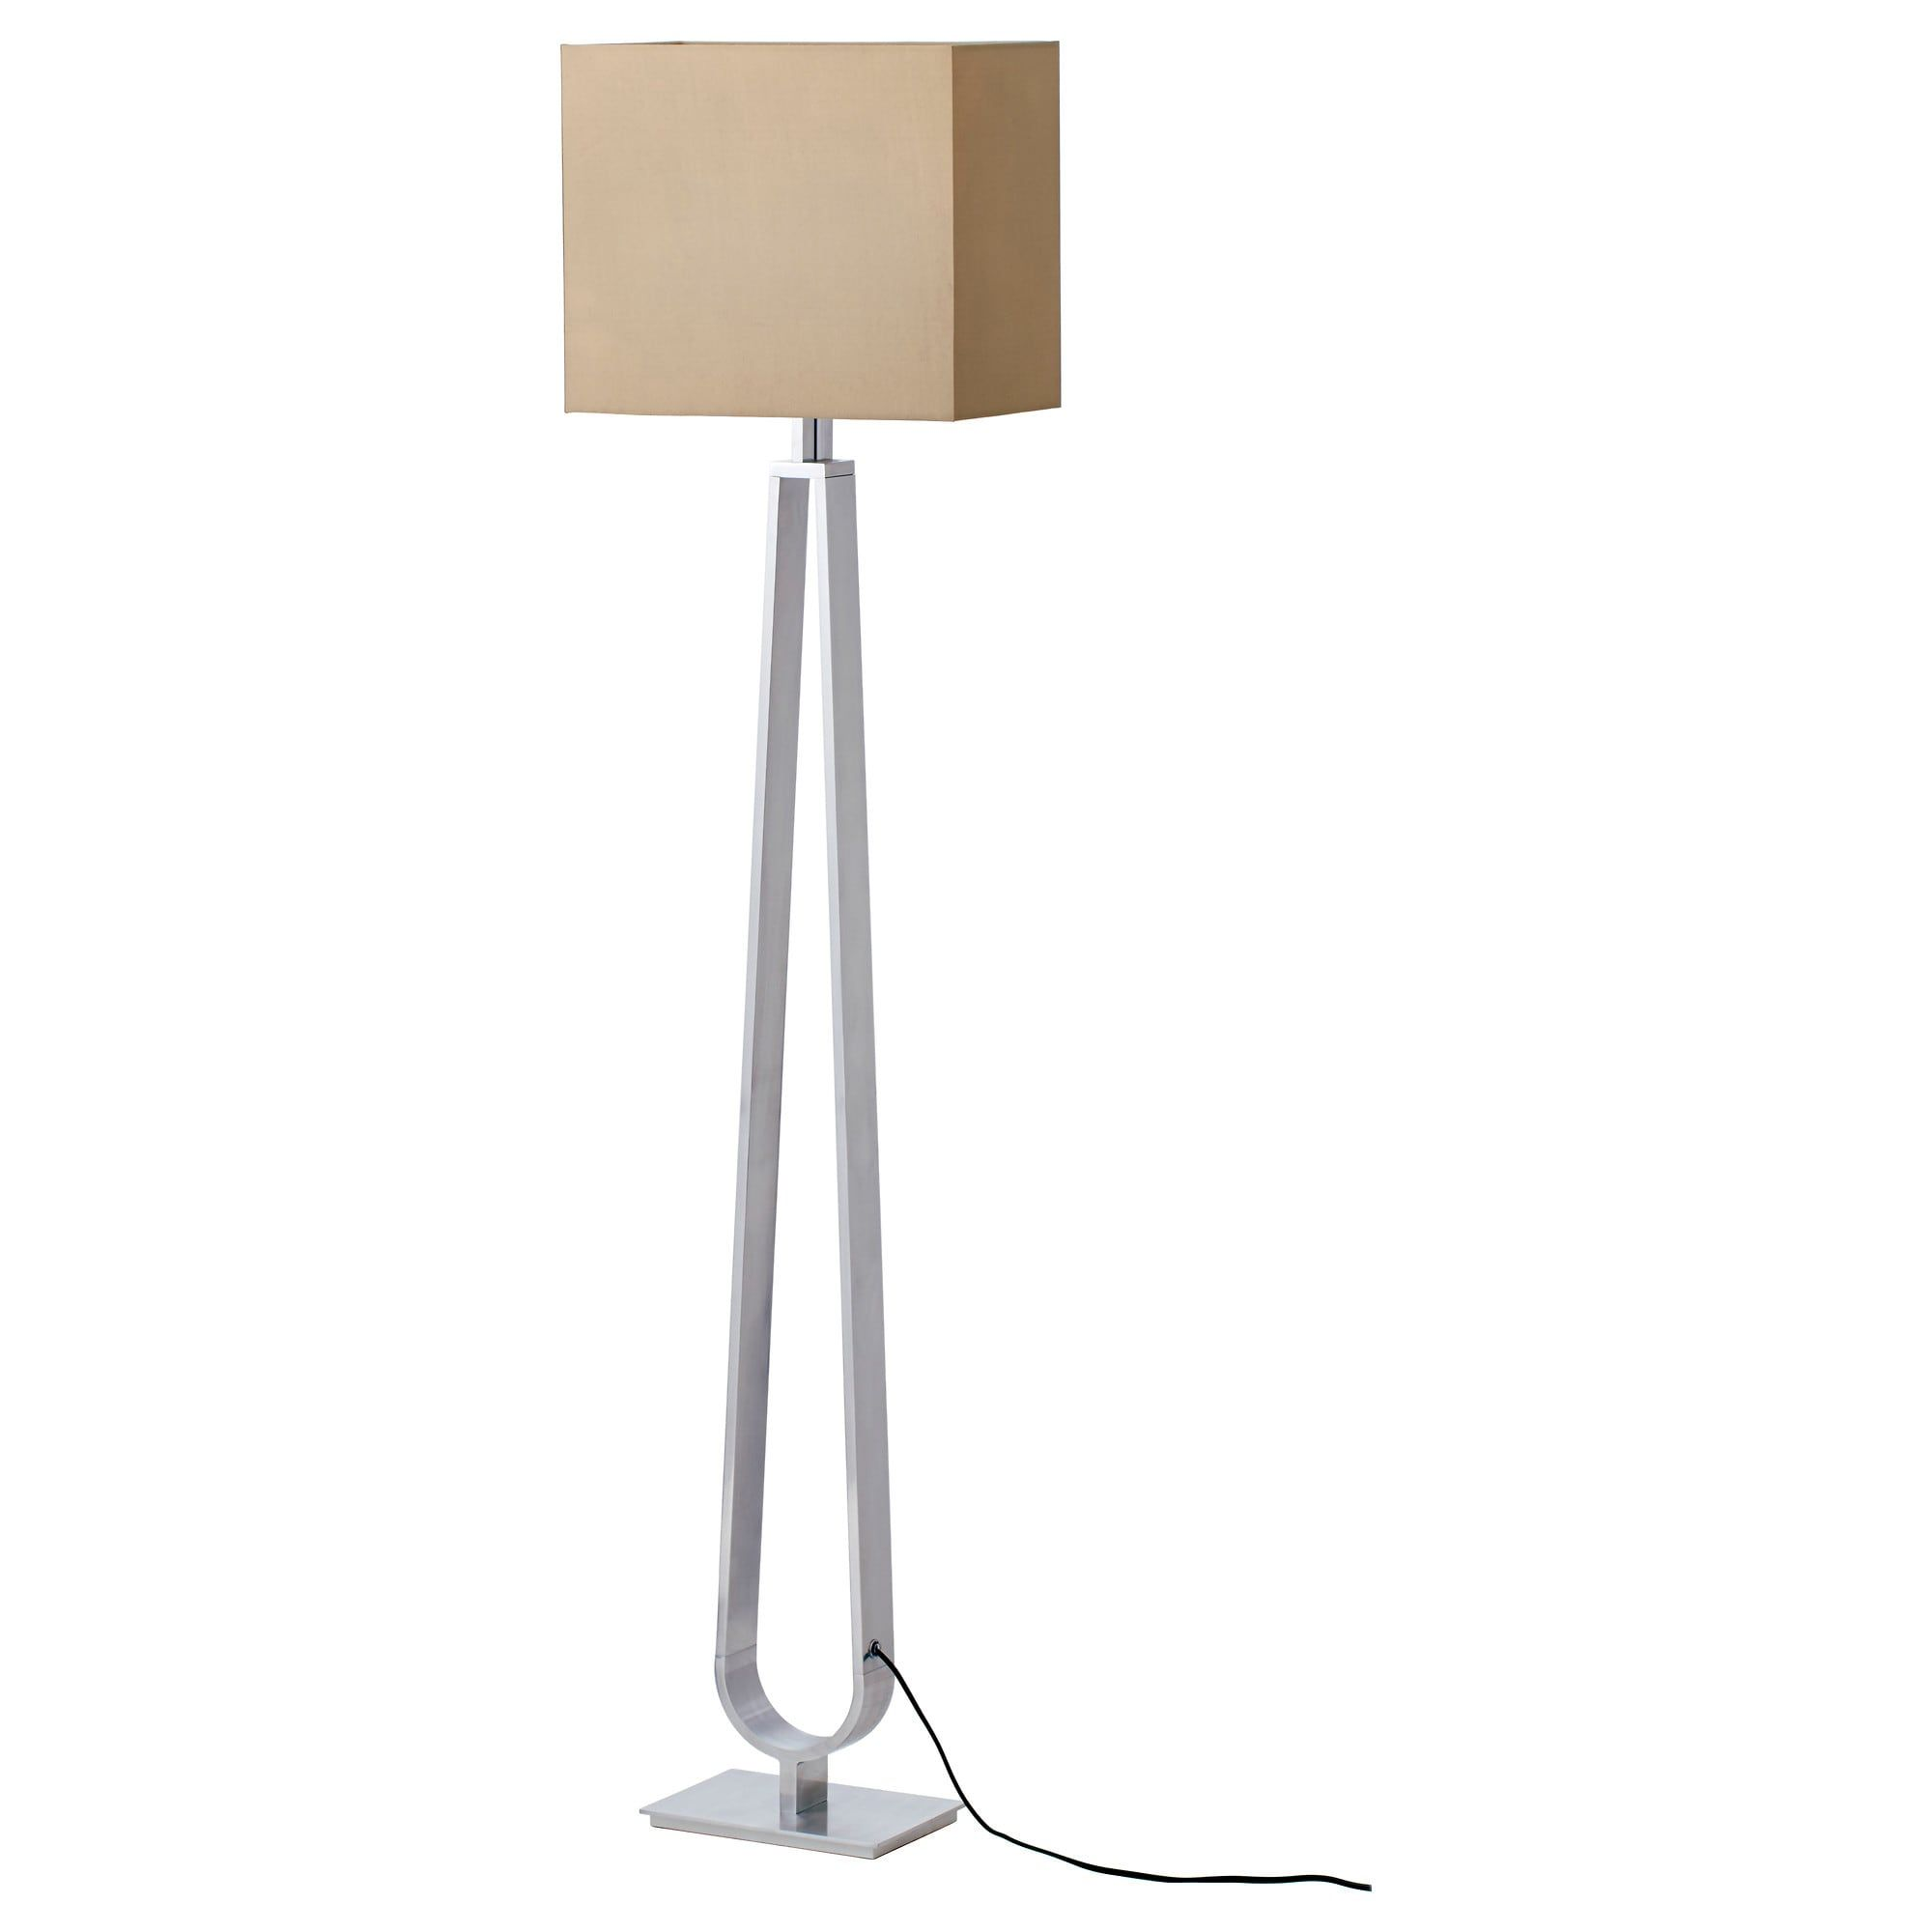 Klabb Standleuchte Hellbraun Verstellbare Stehlampe Stehlampe